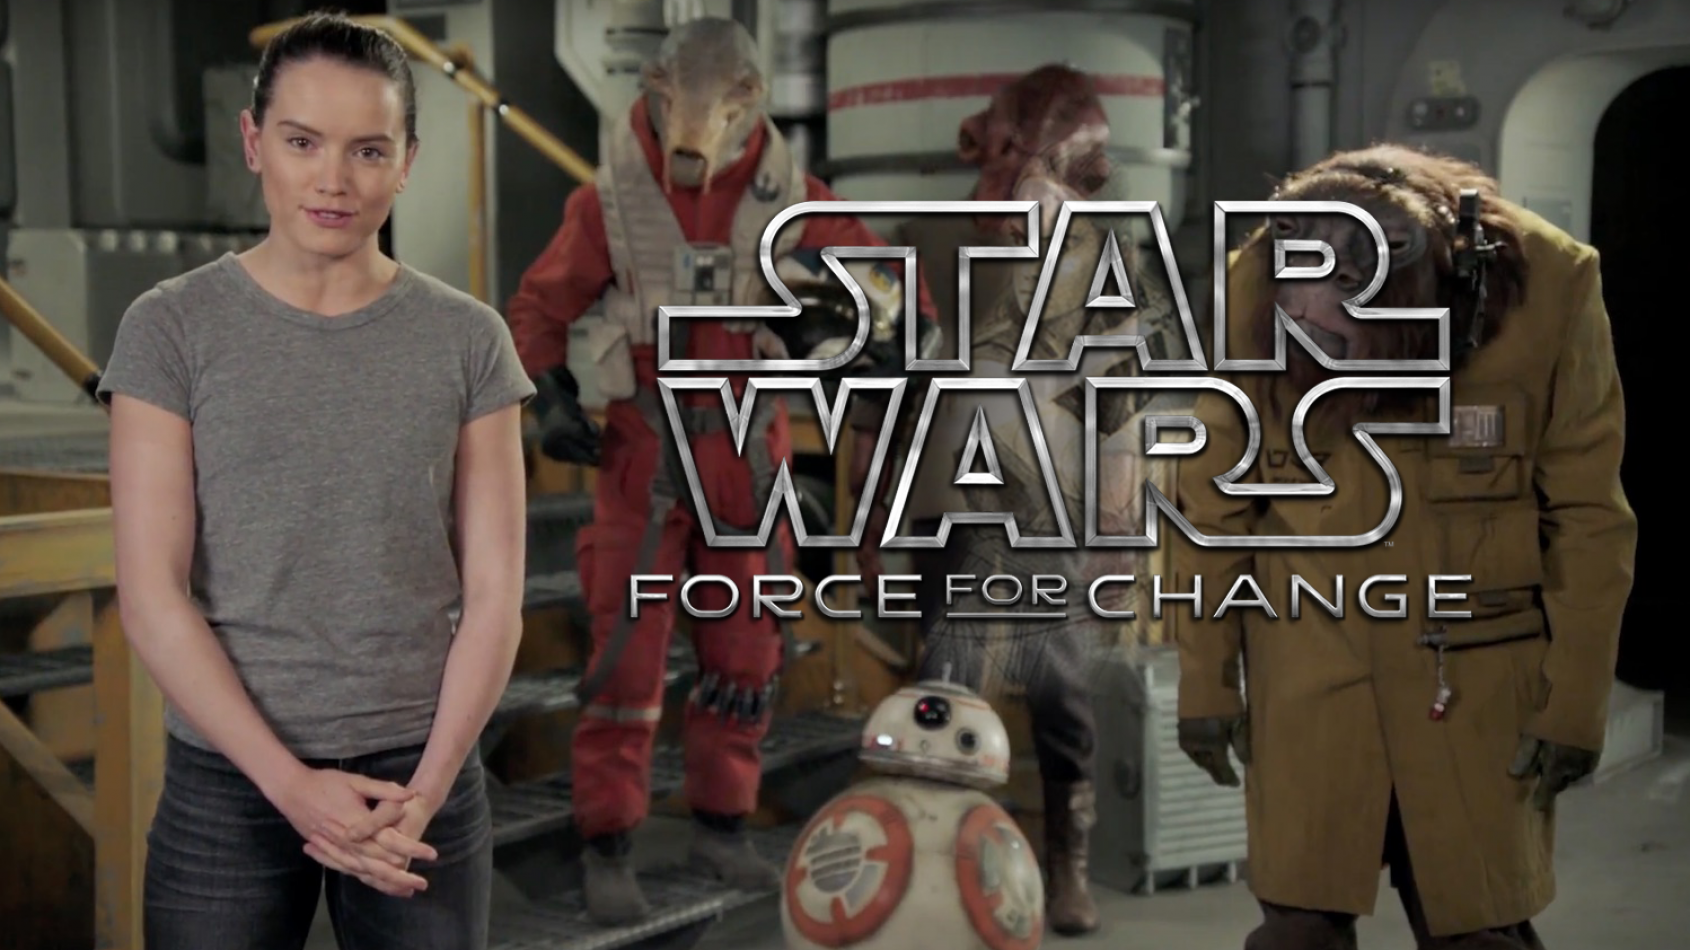 Un nouveau visuel pour Rey grâce à l'initiative Force for Change